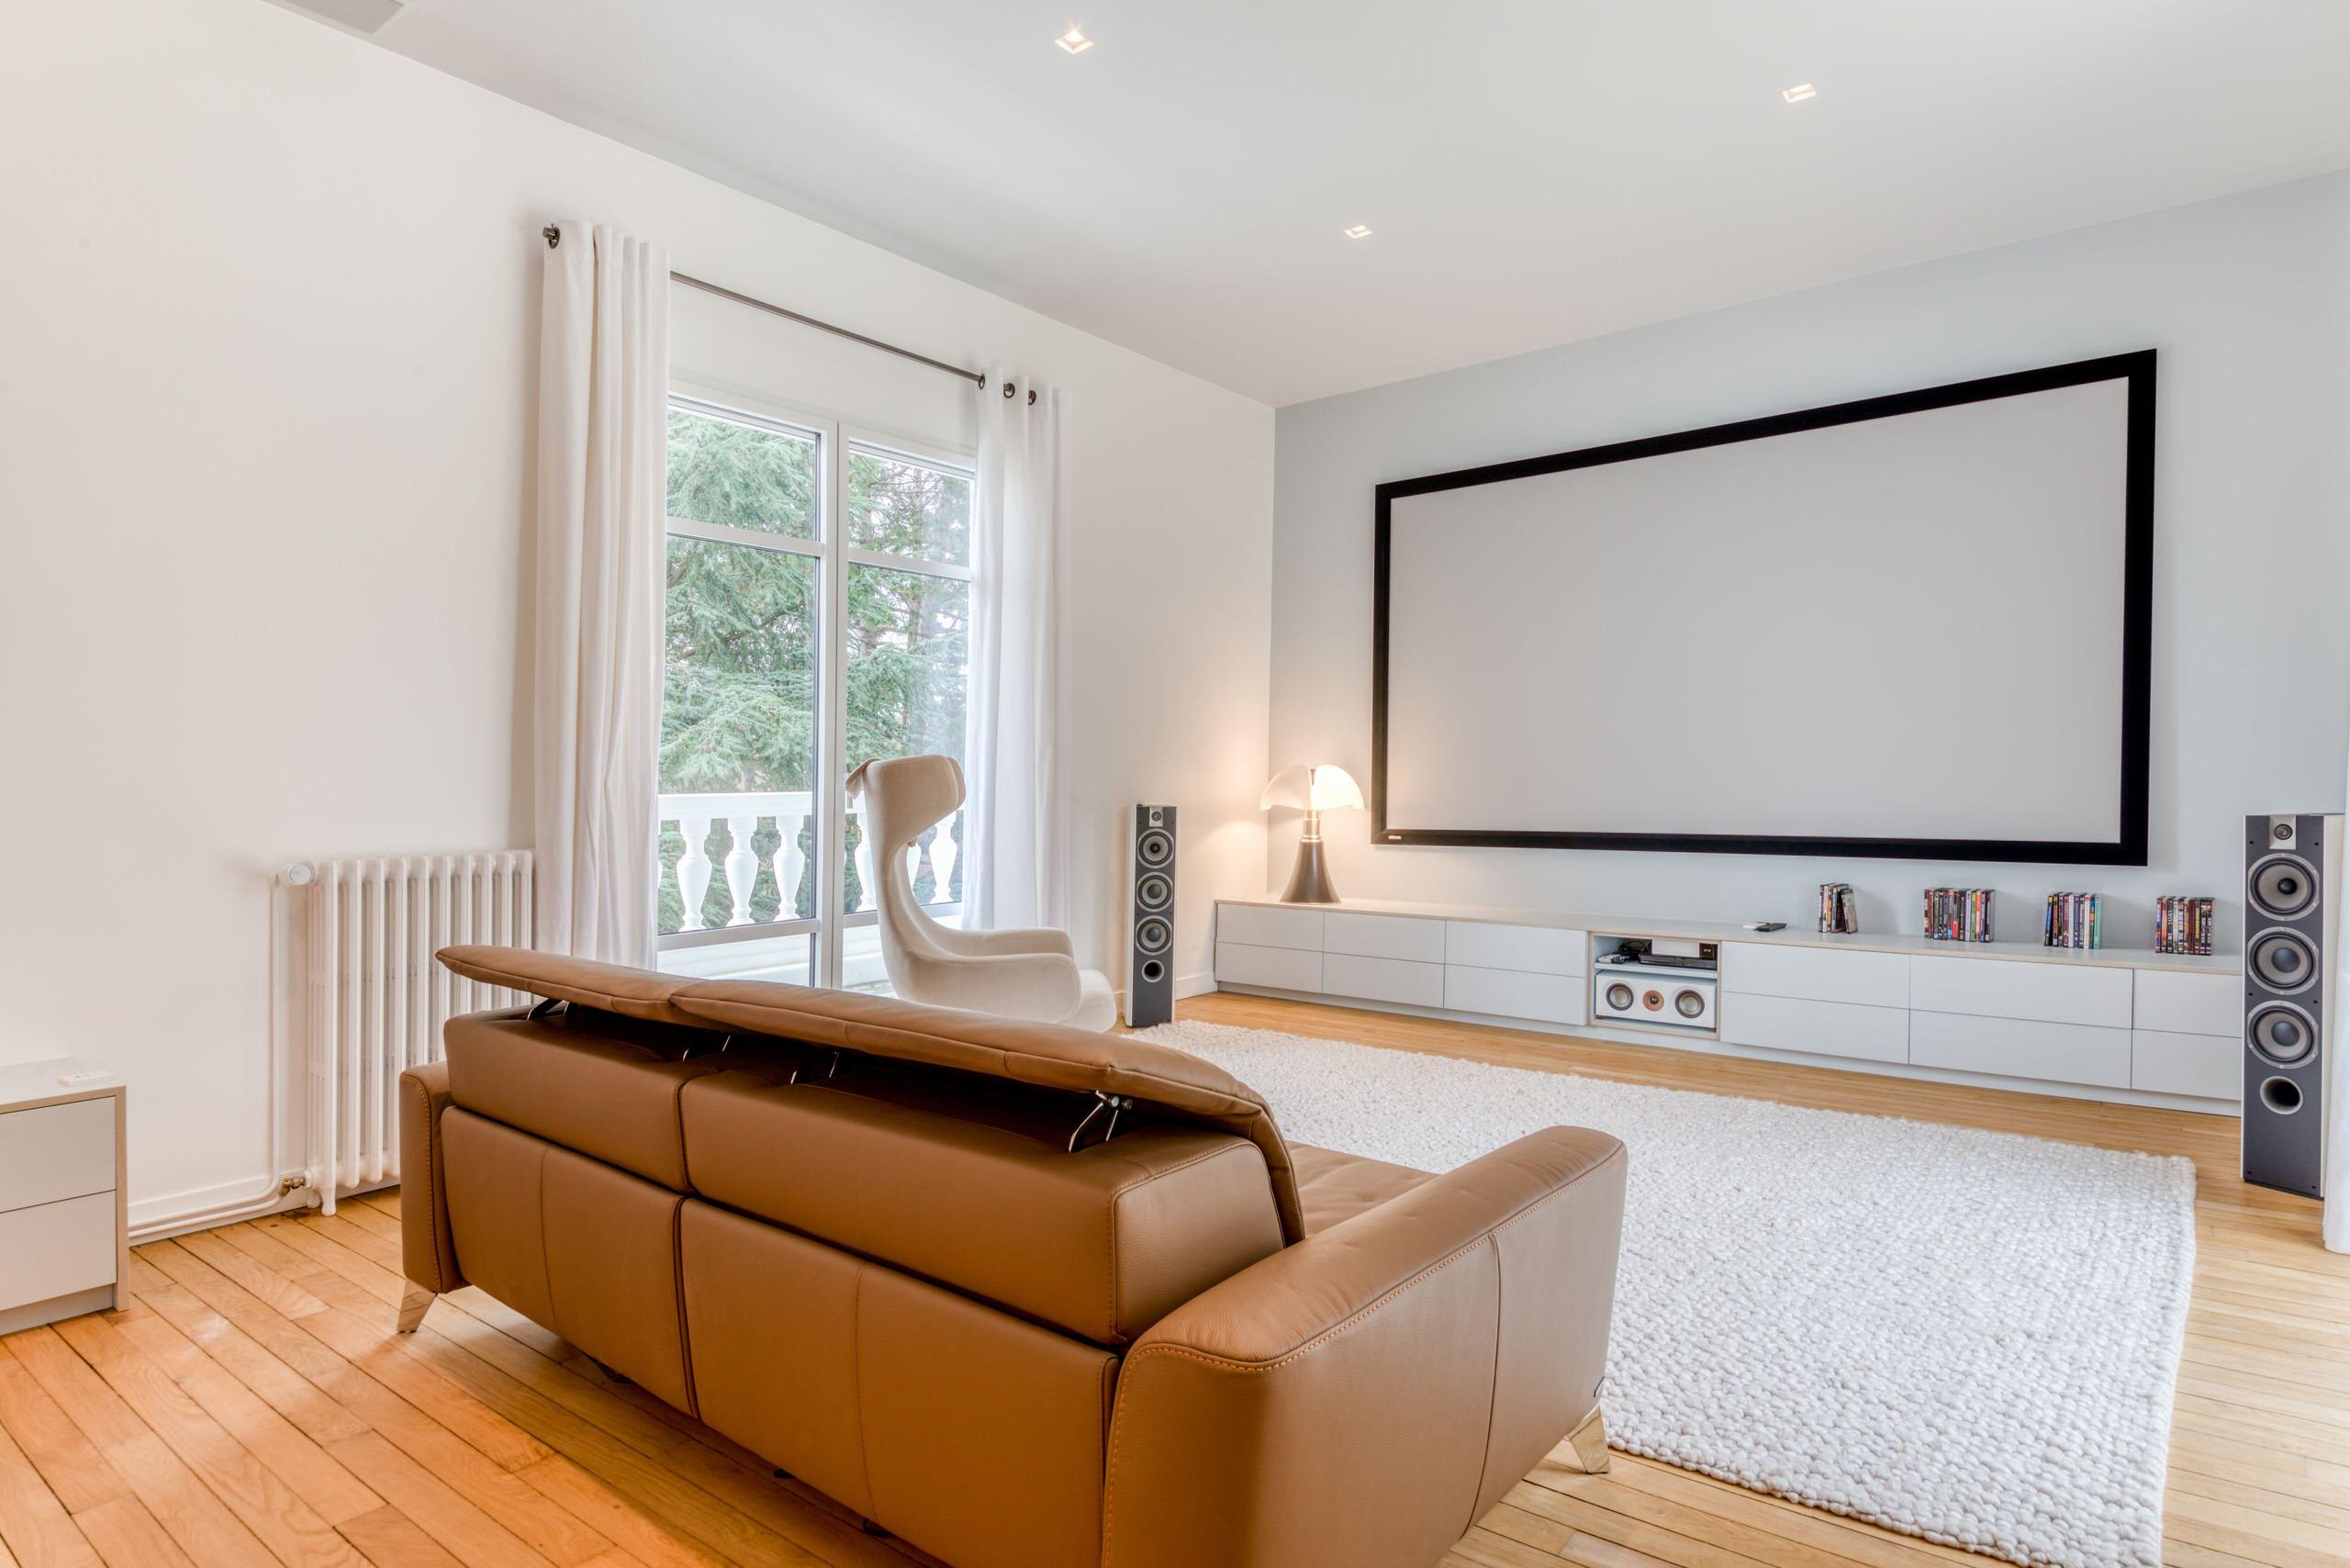 Villa de 650 m2 à Saint-Germain-en-Laye - Le Home Cinema